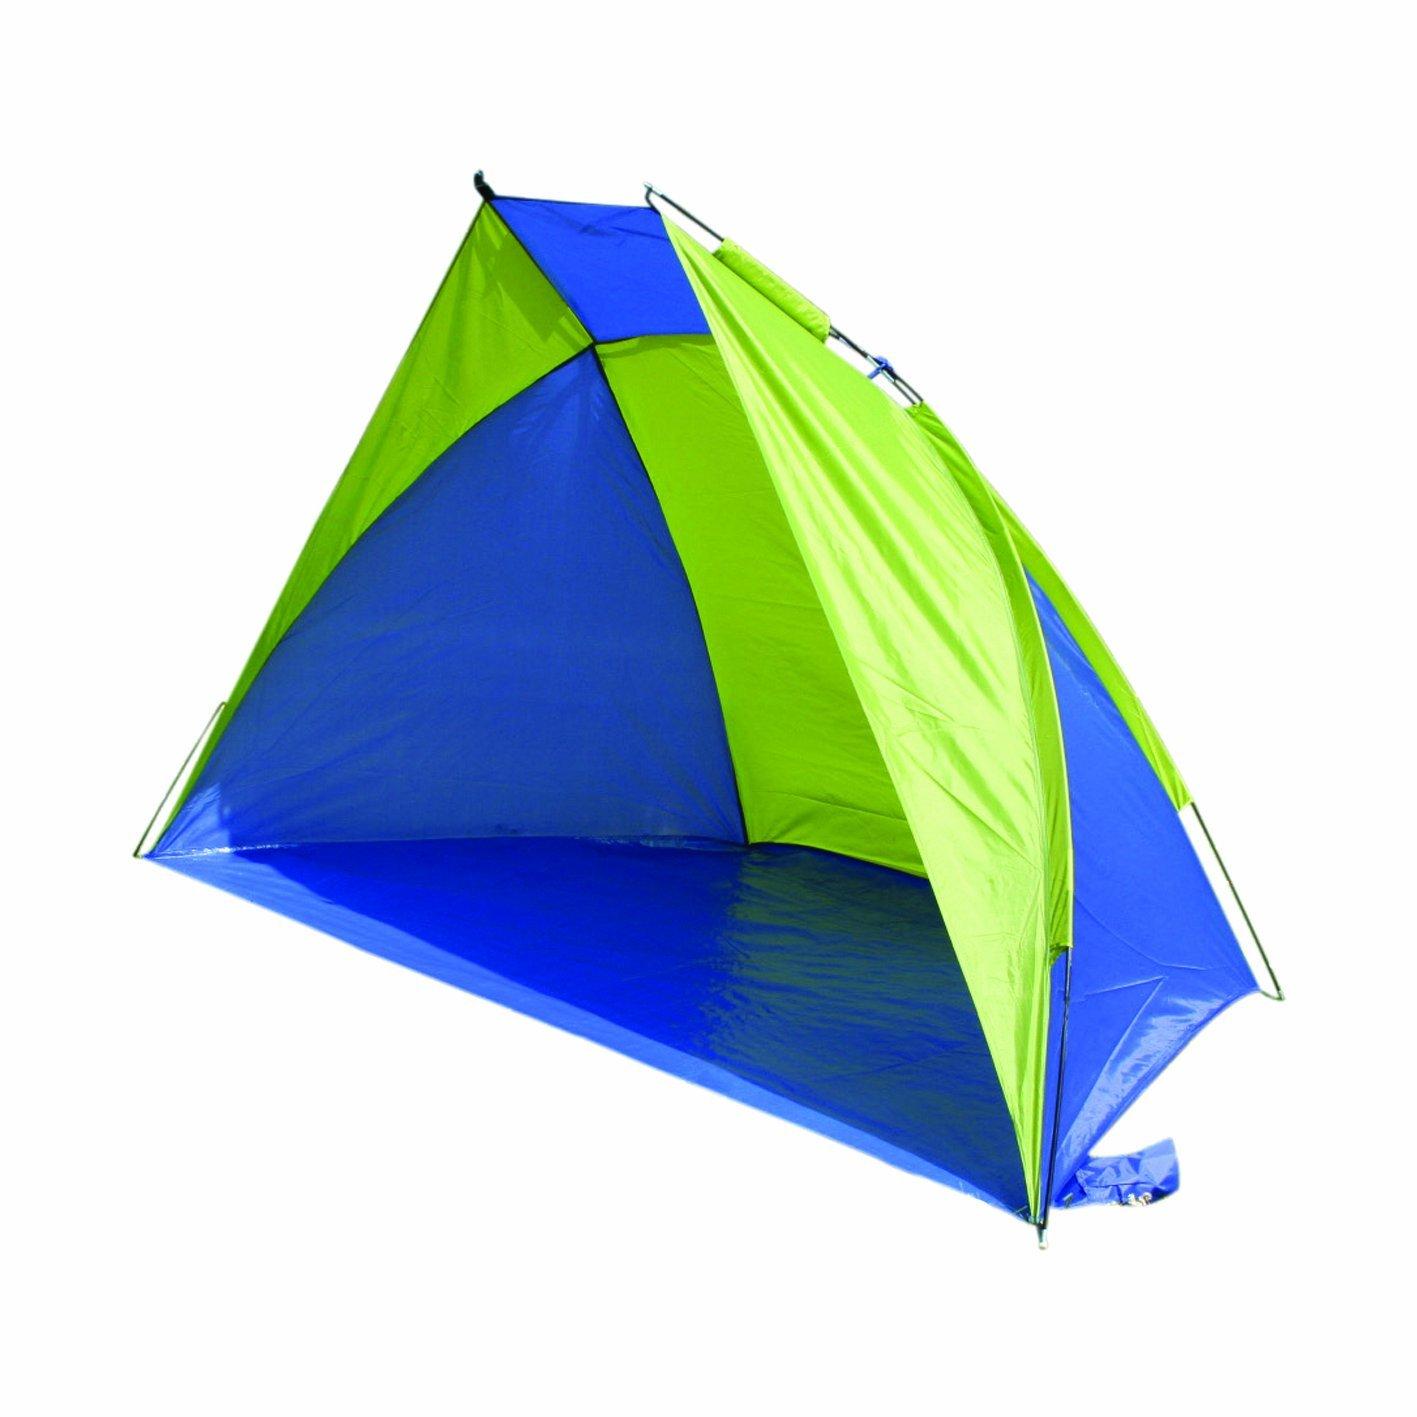 Highlander Loch Lomond Summer Shelter - Blauw - Groen